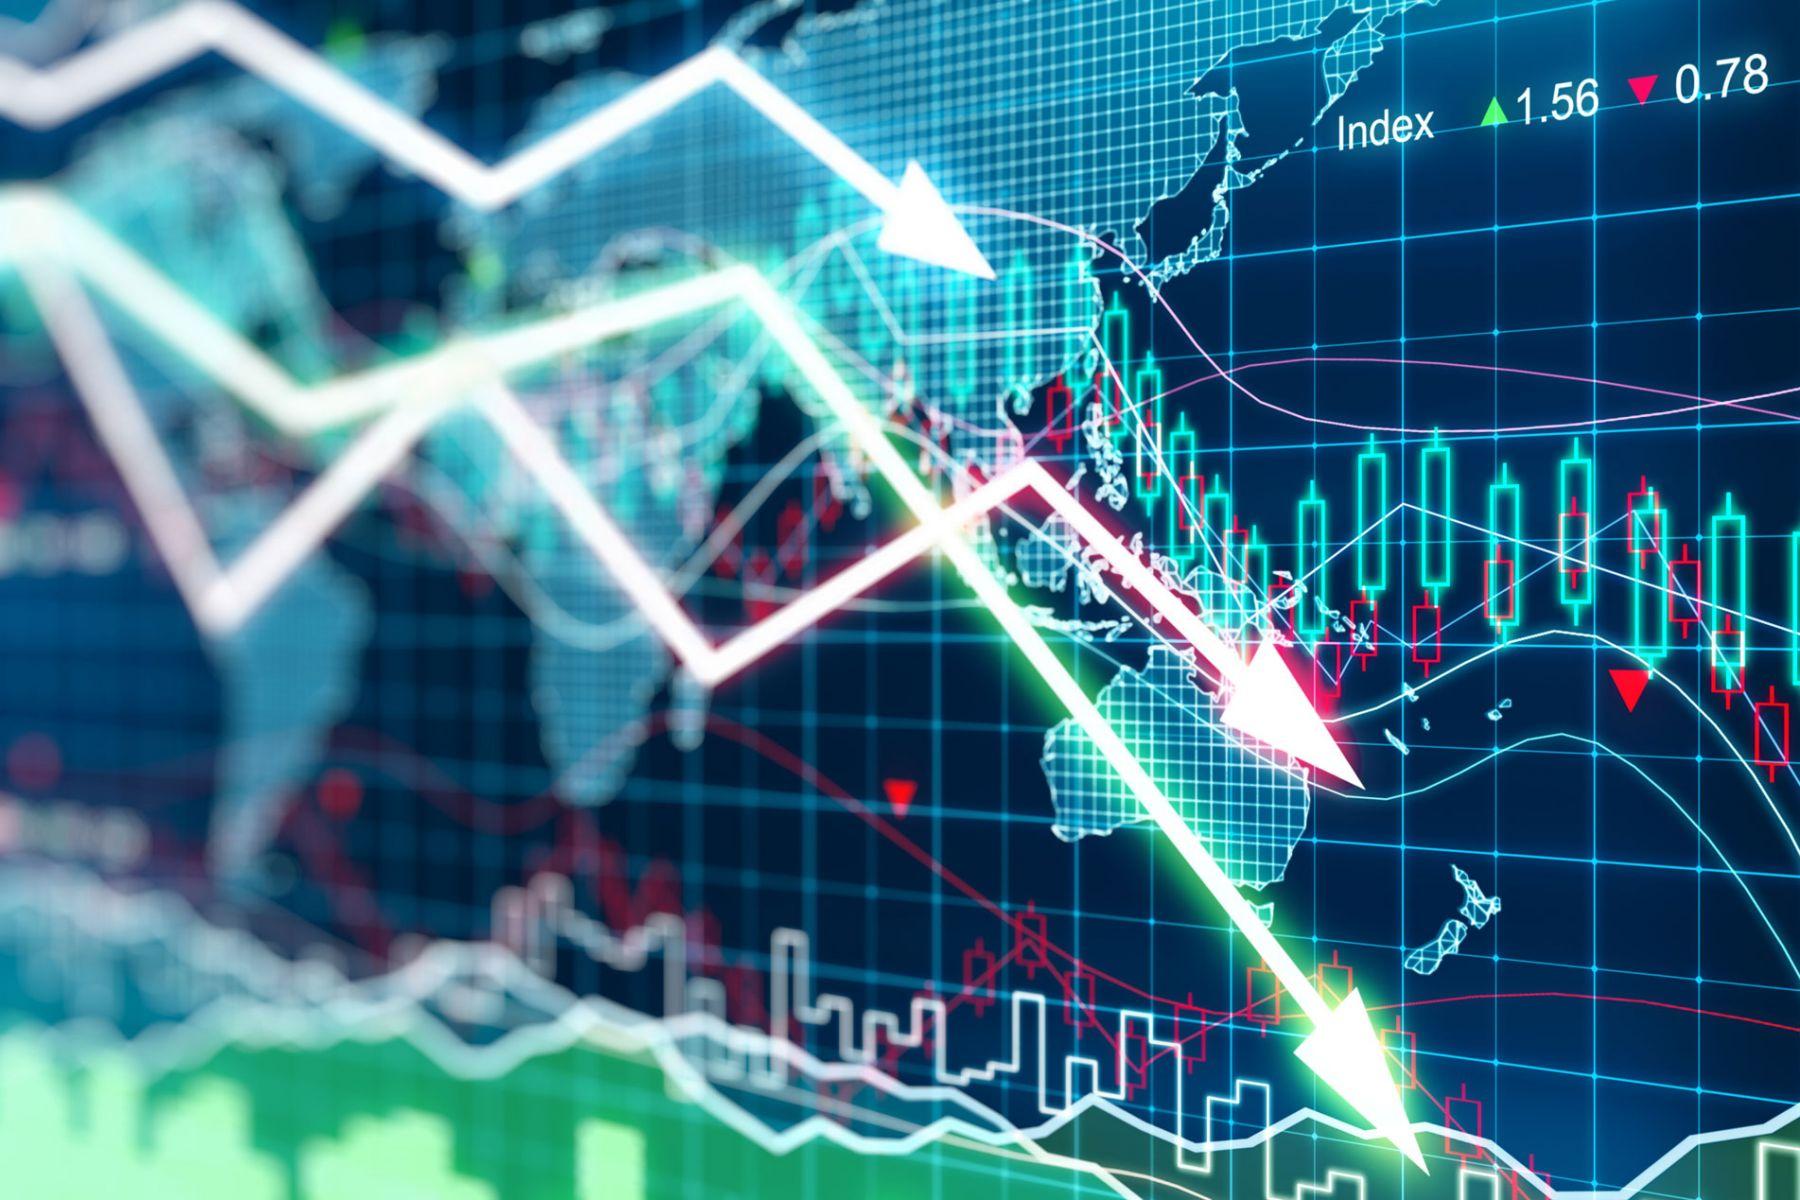 美股基金創下史上最大淨流出 新興市場反而逆勢吸金